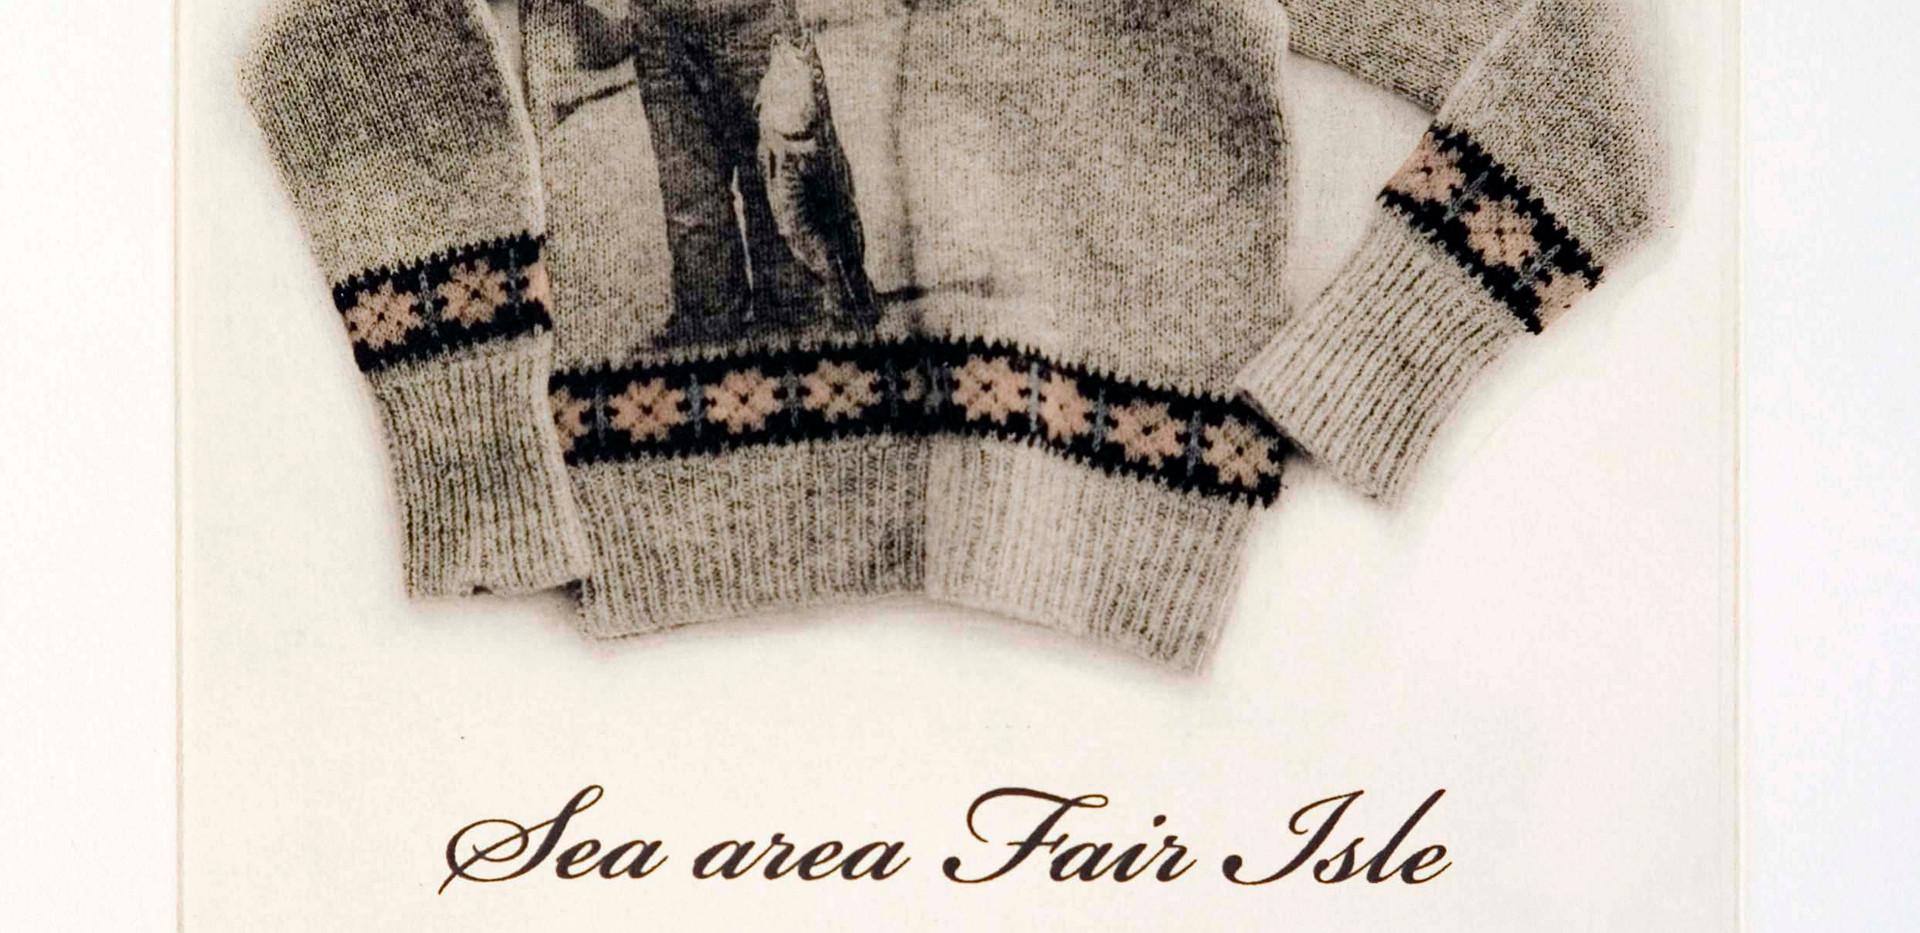 Sea Area Fair Isle